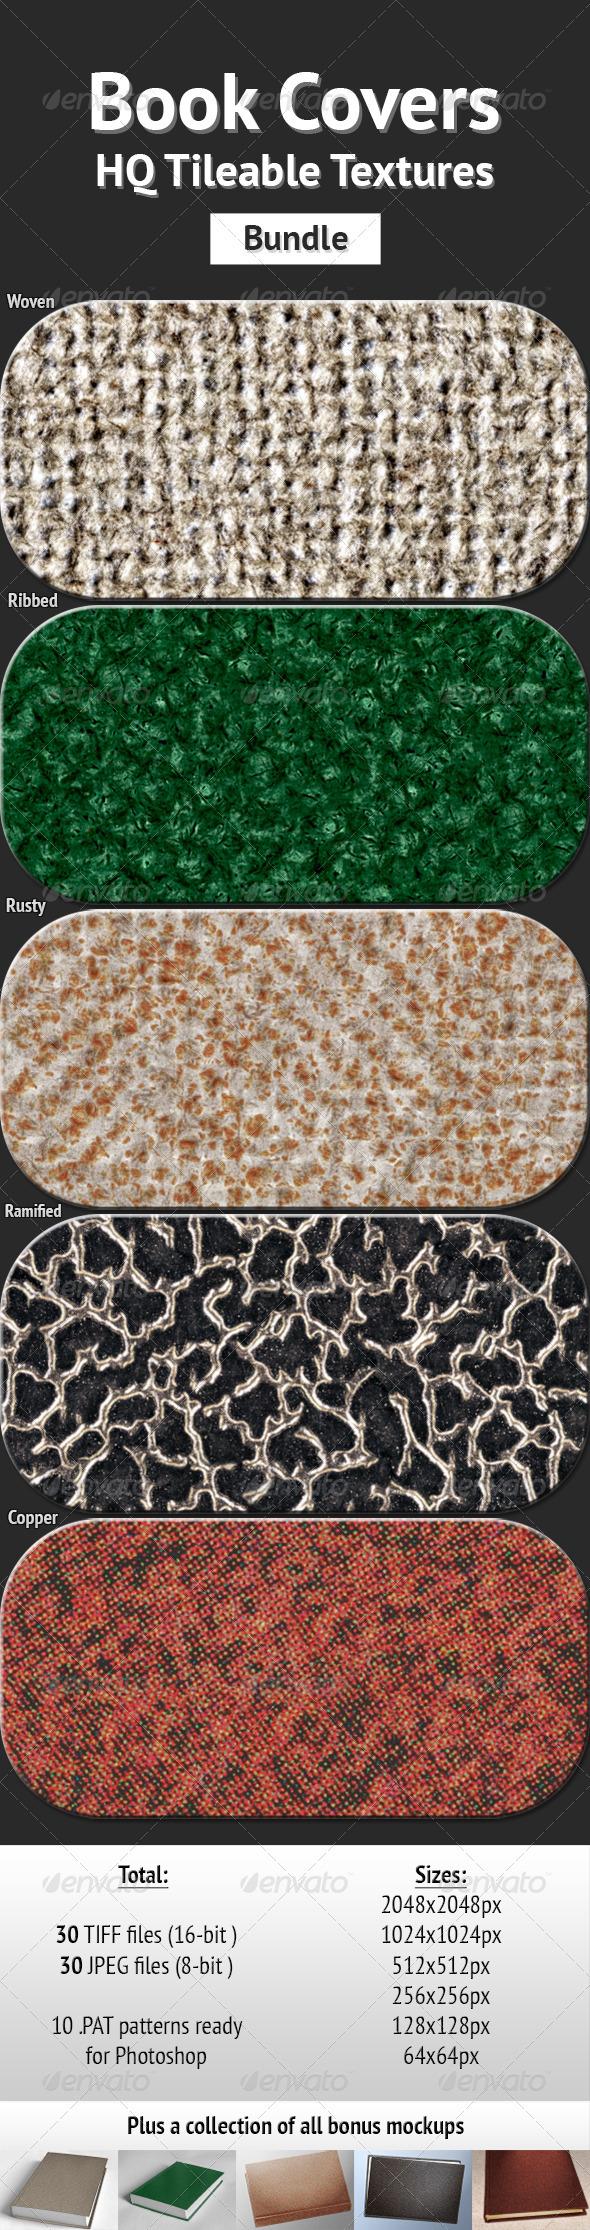 Book Covers - HQ Tileable Textures Bundle - Miscellaneous Textures